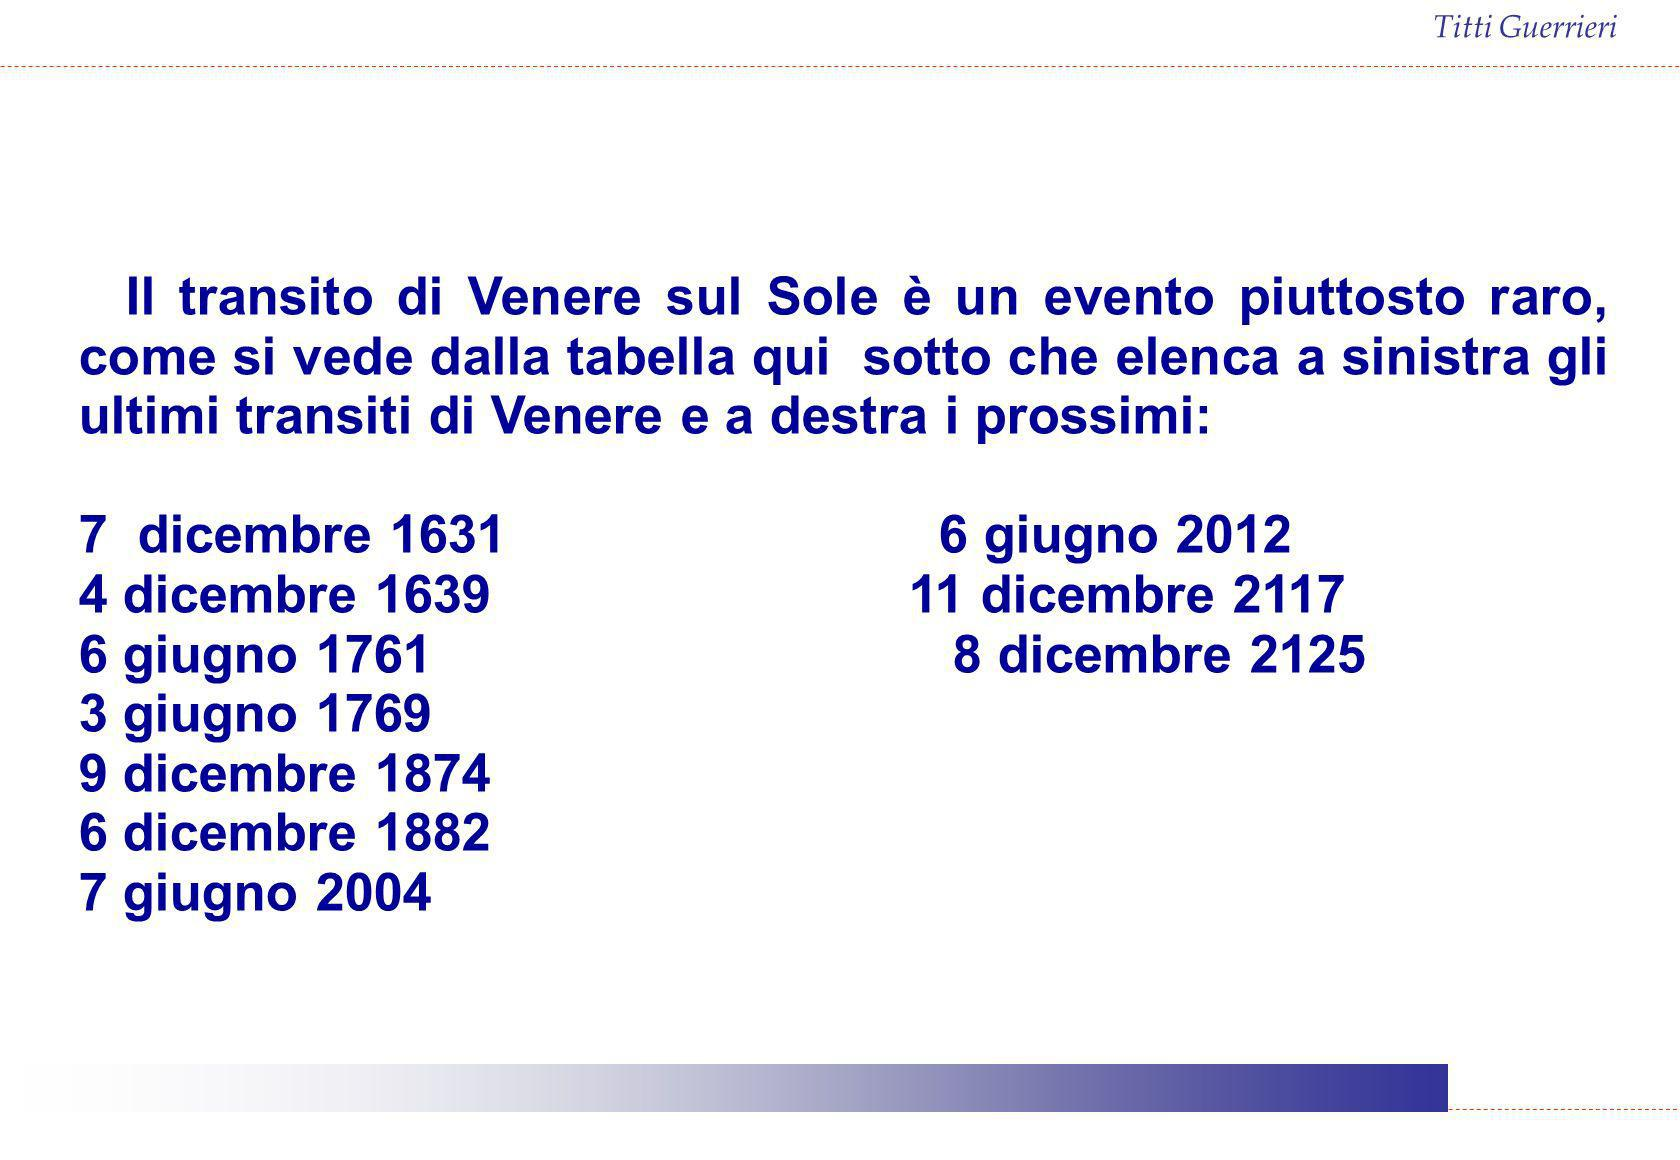 Il transito di Venere sul Sole è un evento piuttosto raro, come si vede dalla tabella qui sotto che elenca a sinistra gli ultimi transiti di Venere e a destra i prossimi: